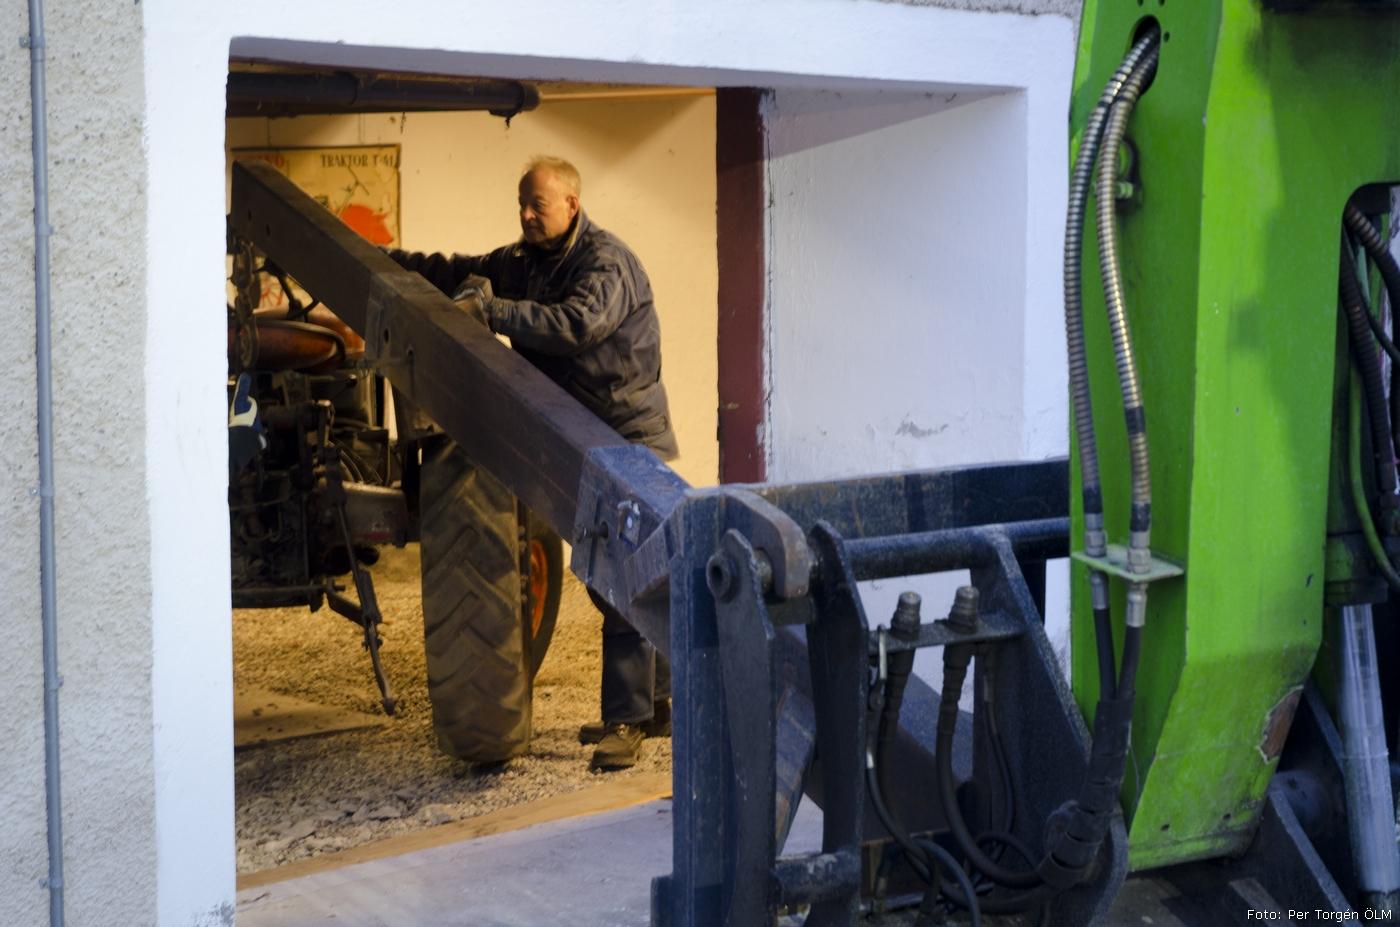 2012-02-10_009_Tekniska_kvarnen